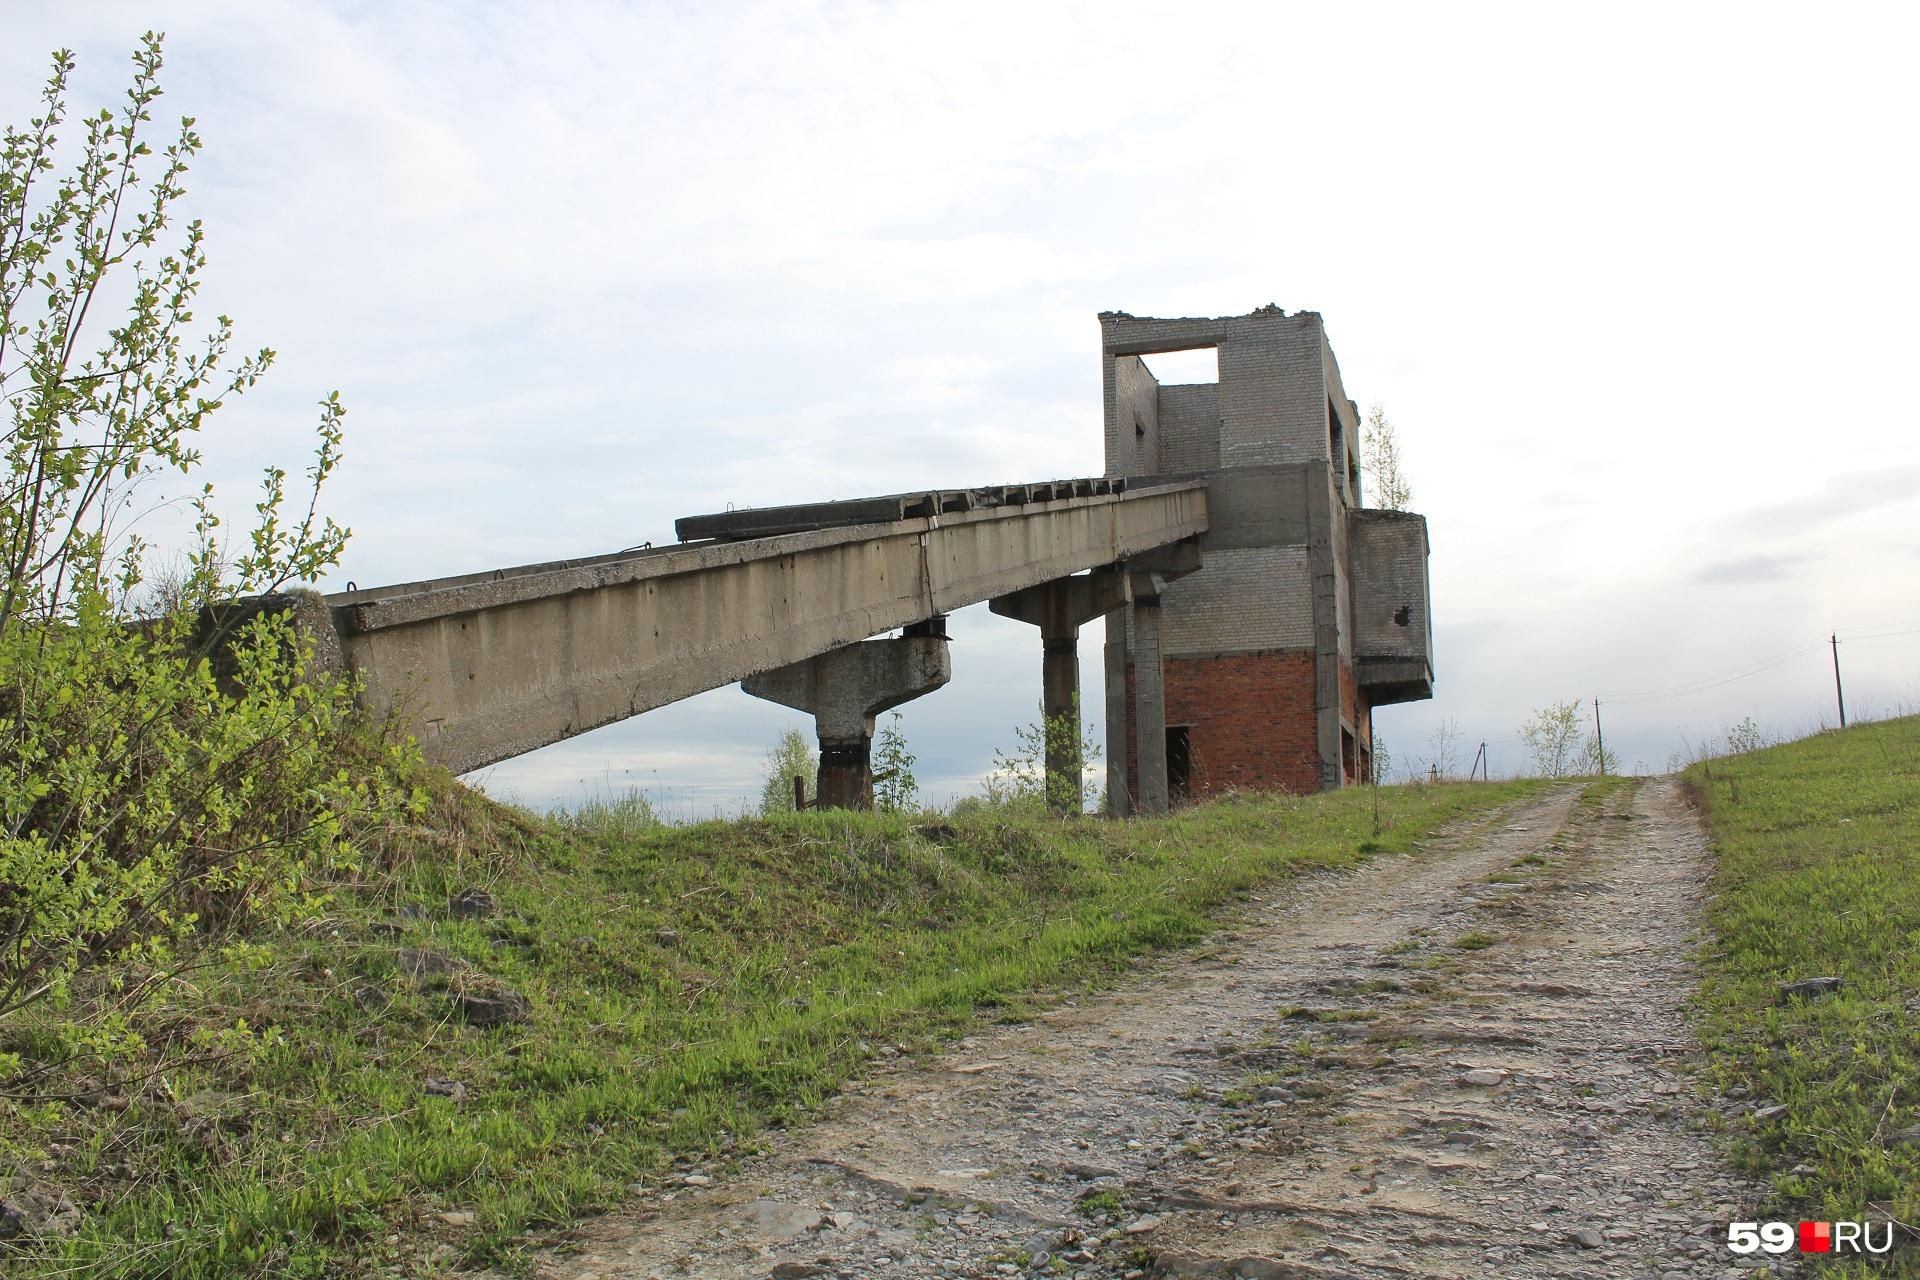 Может быть, это и есть бывшая шахта?